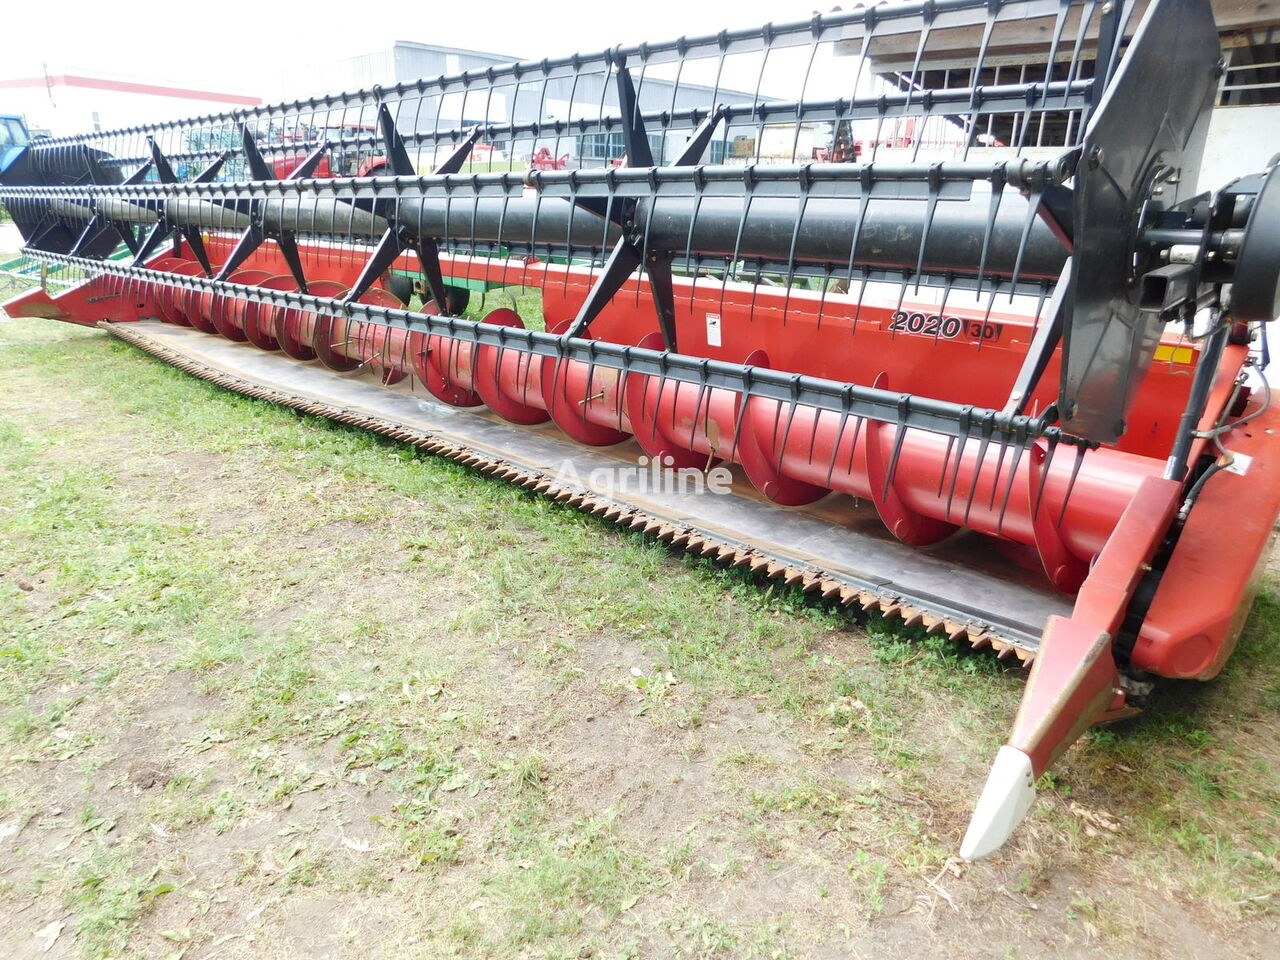 žetveni stroj CASE IH 2020 Flex 9,1metra